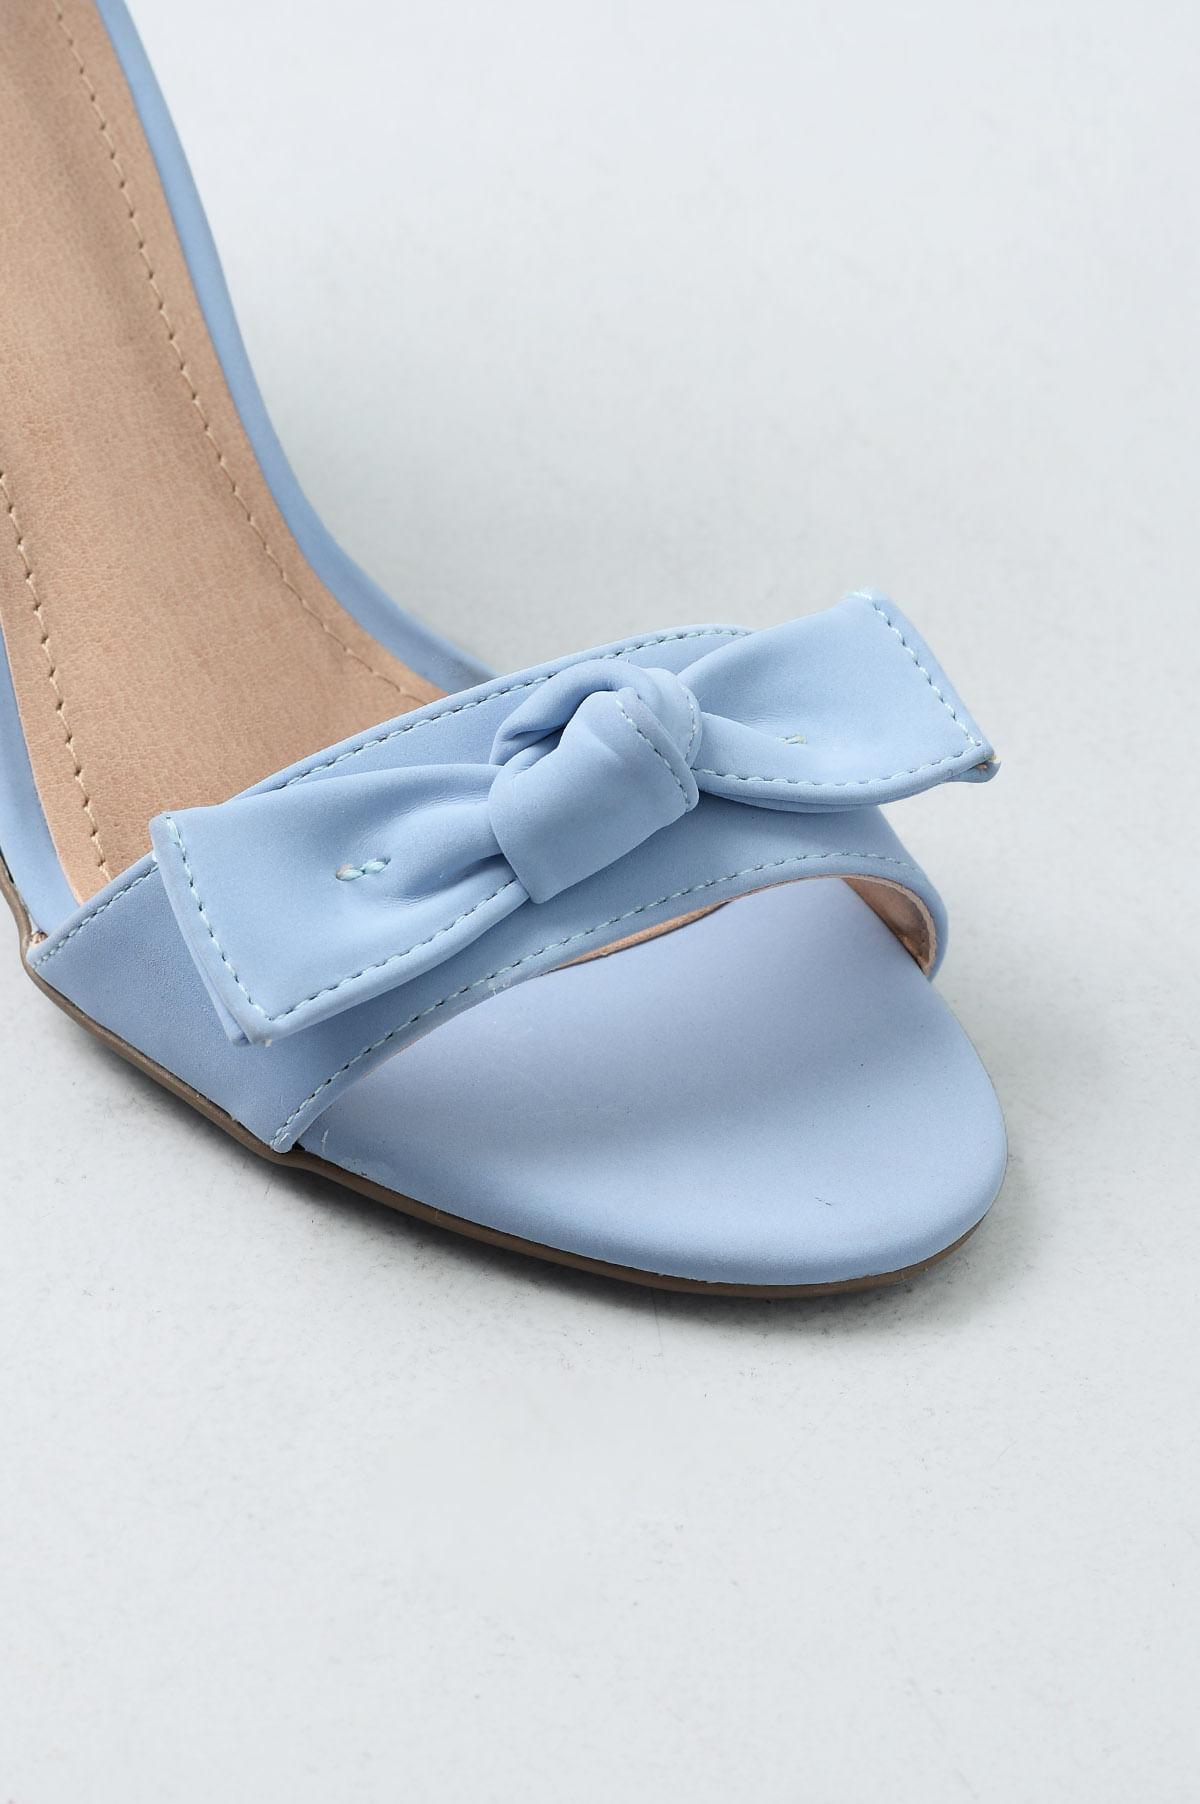 f3ca74613 Sandália Feminina Salto Alto Shary Mundial NB - AZUL - Mundial Calçados